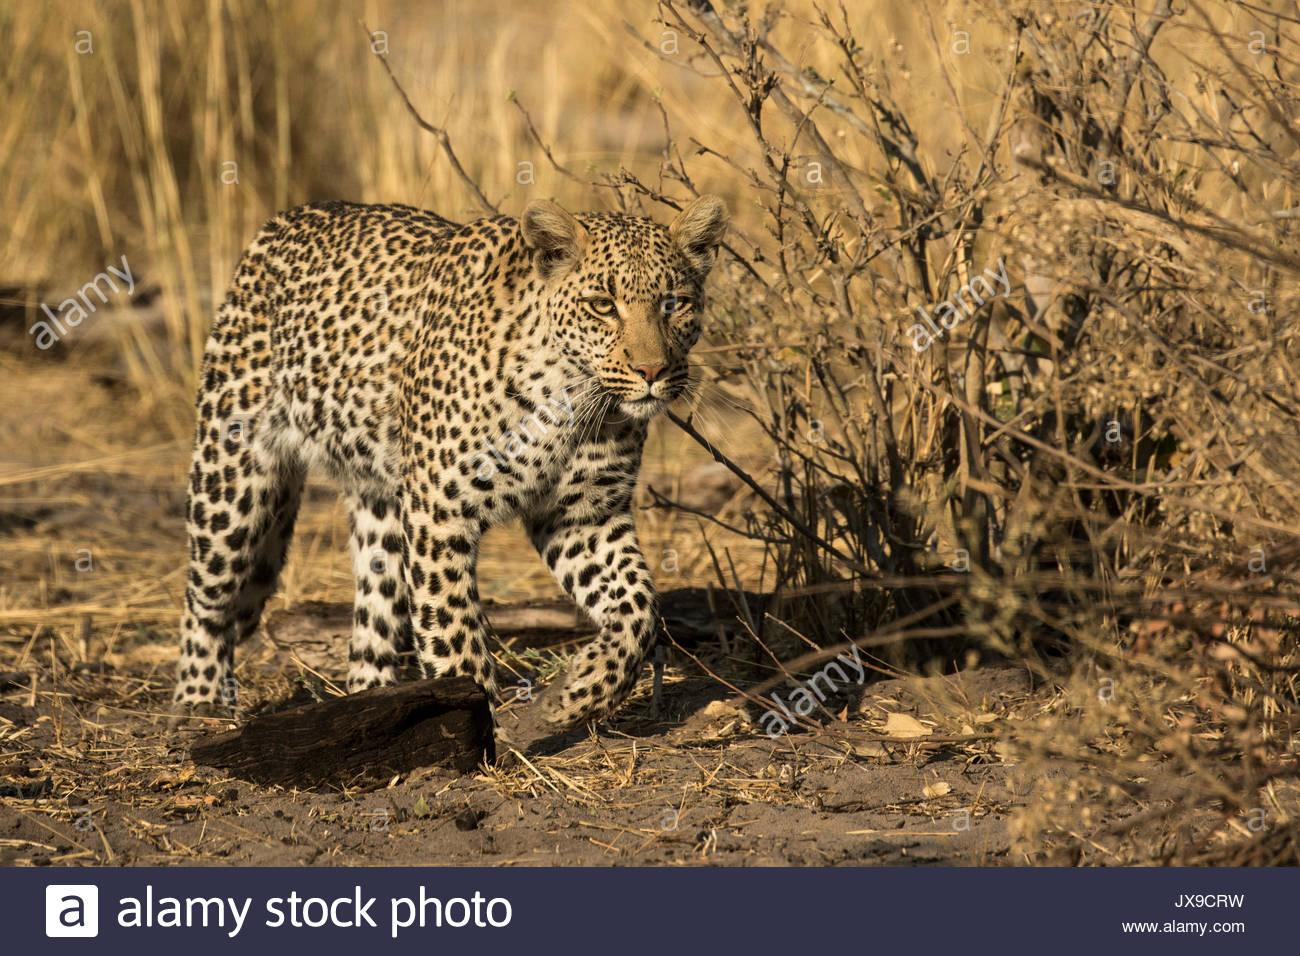 A female leopard in the Okavango Delta's Moremi Game Reserve. - Stock Image